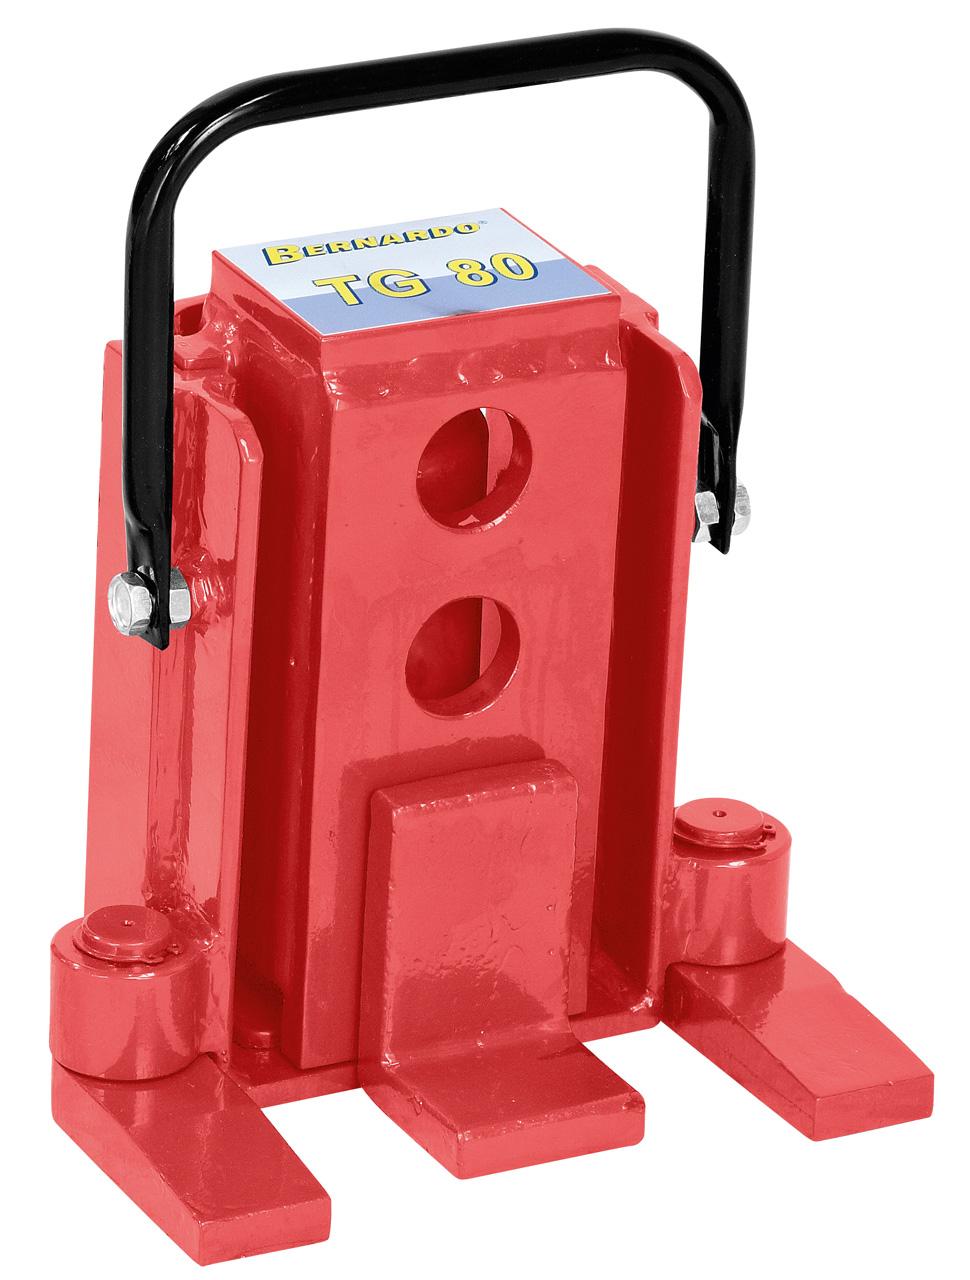 Podnośnik hydrauliczny do ciężkich materiałów, maszyn TG 80 BERNARDO